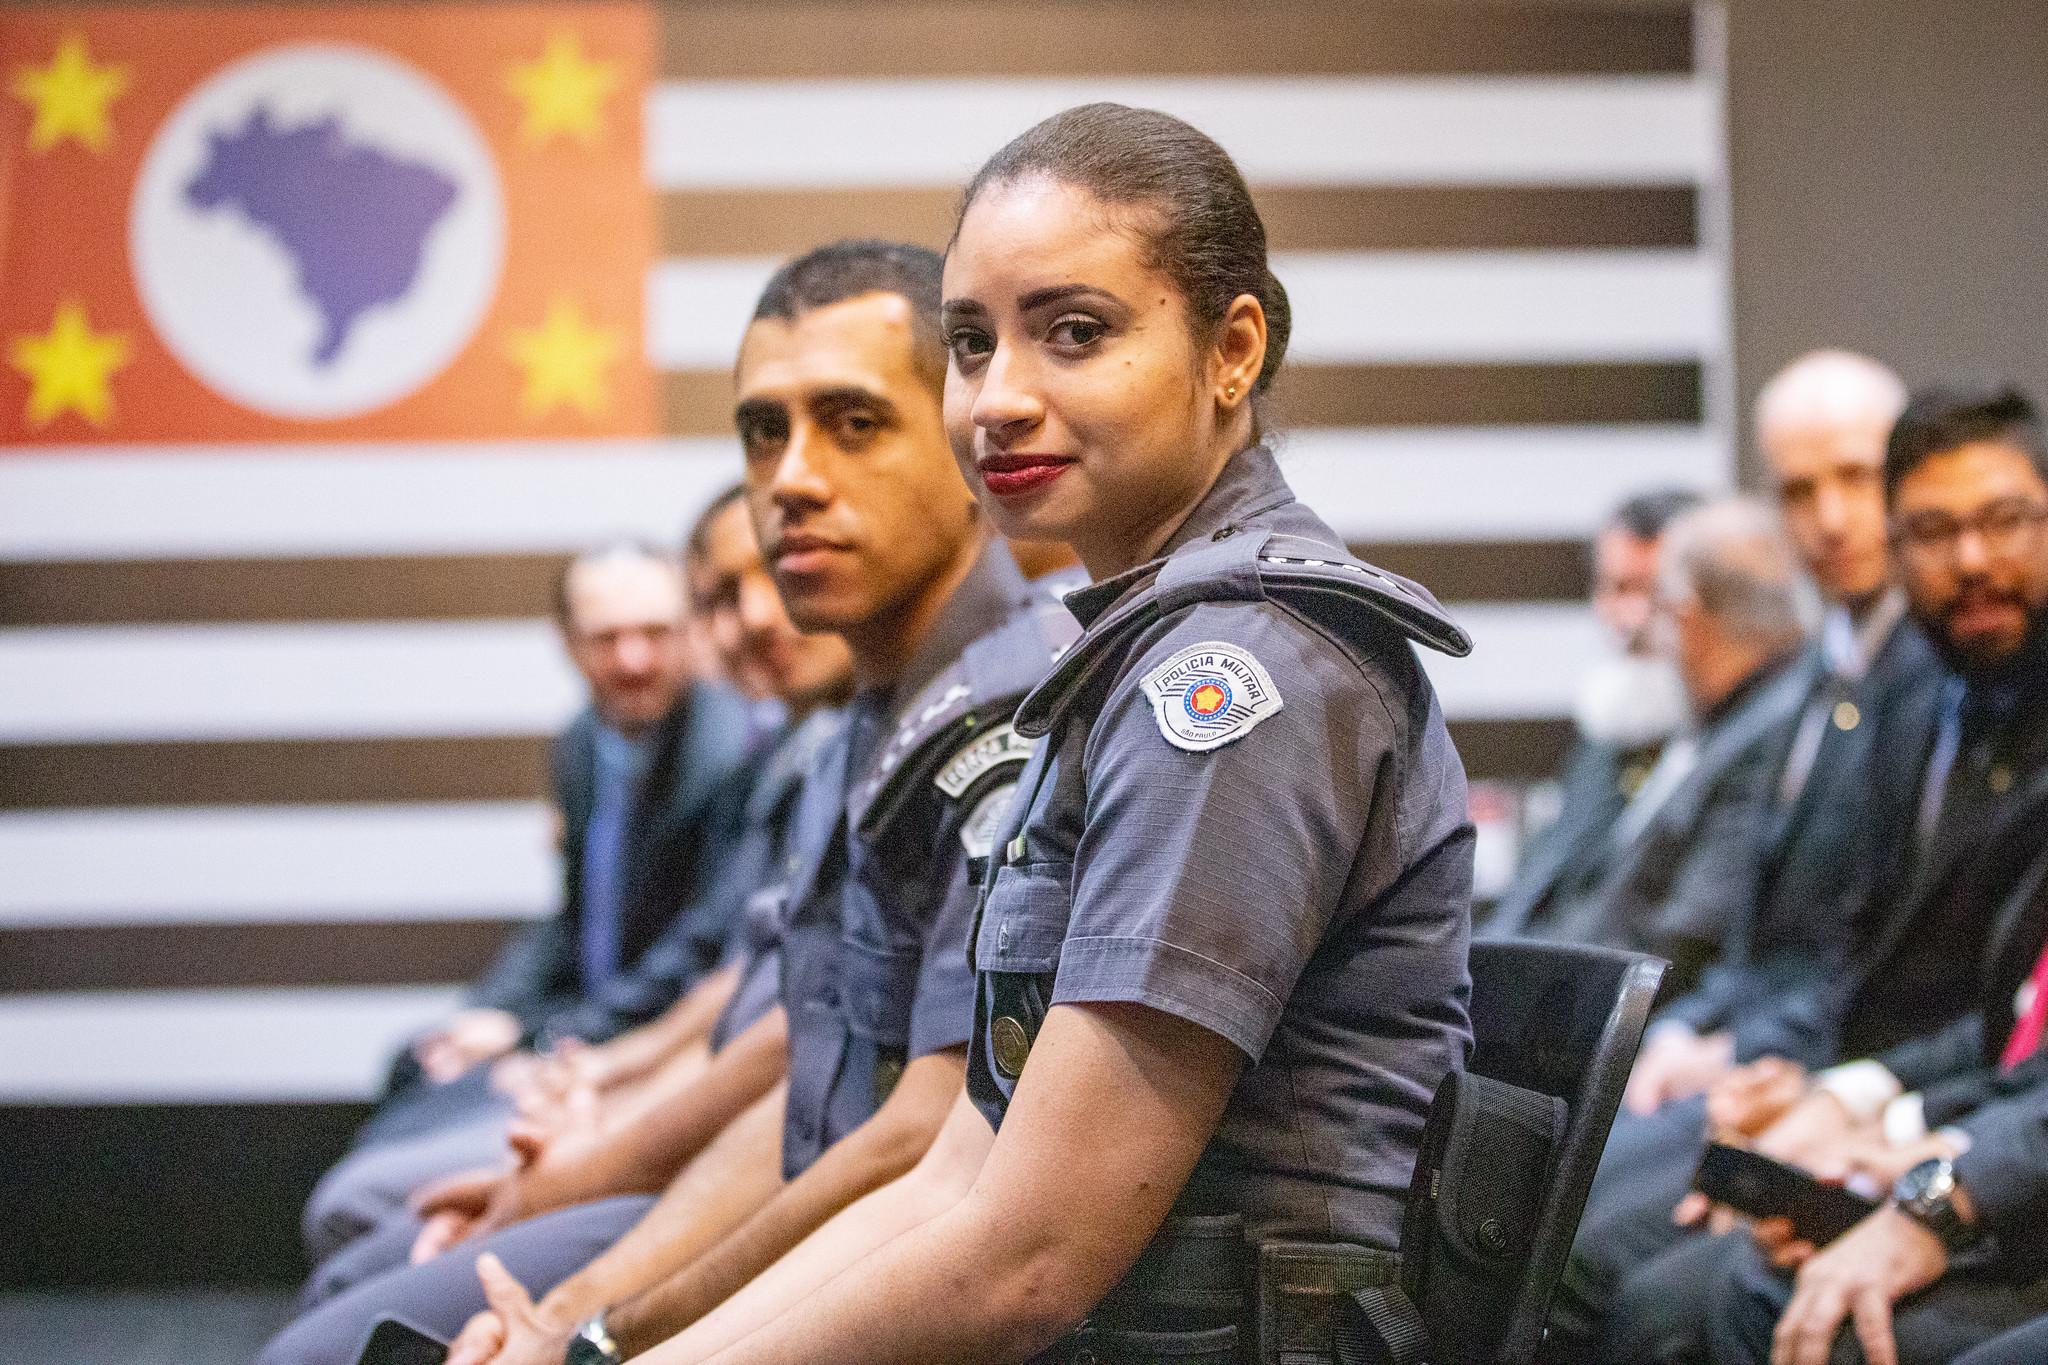 Estado confirma contratação de 5,8 mil policiais militares e civis